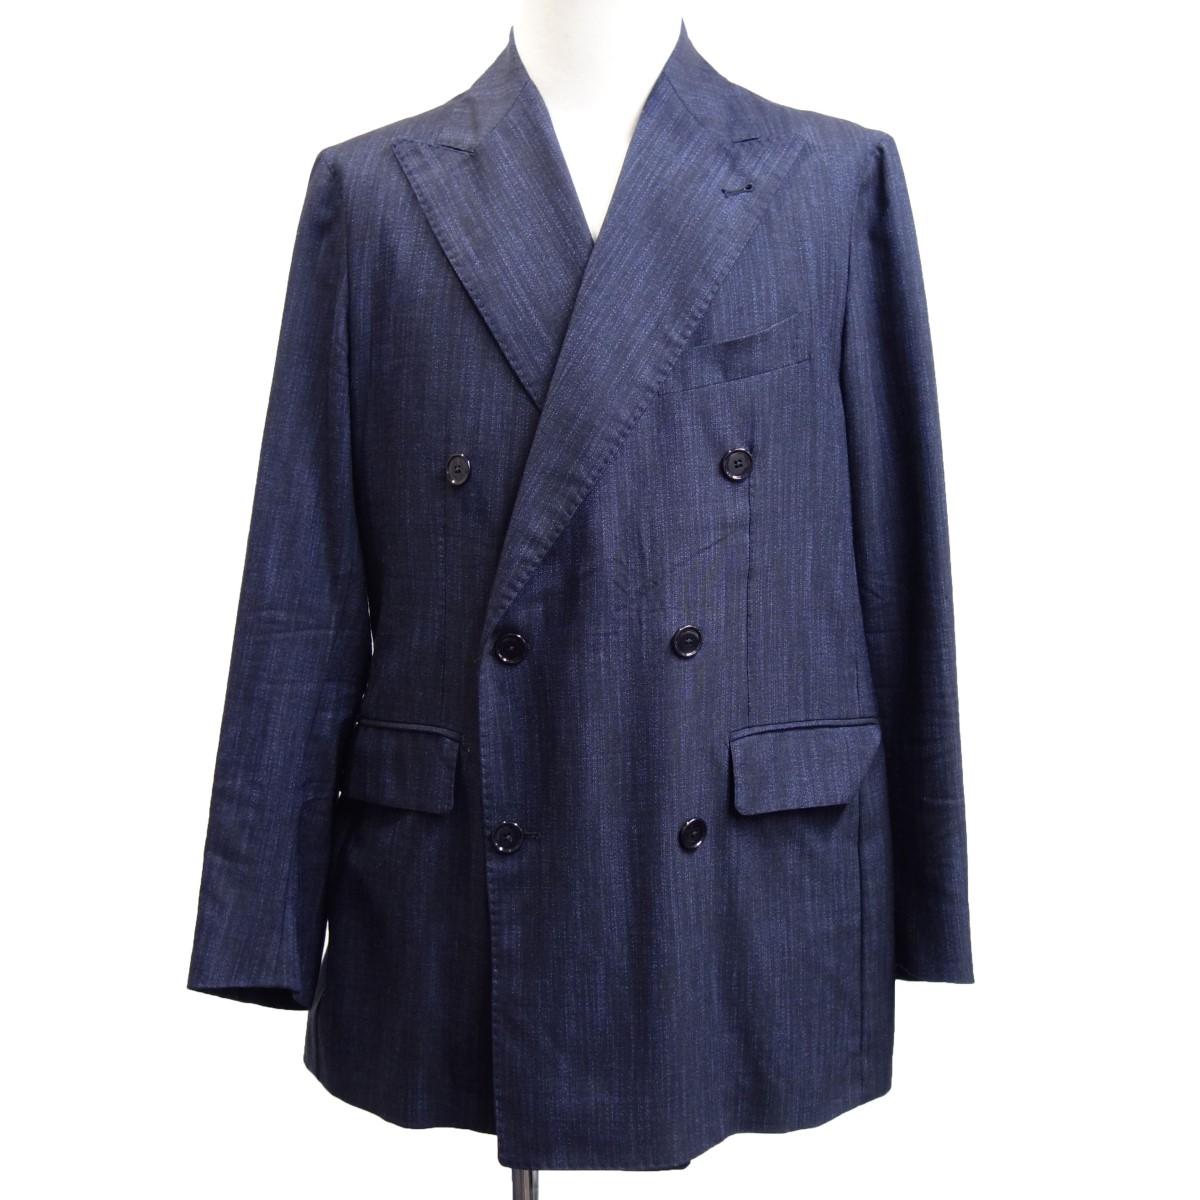 【中古】TAGLIATOREダブルブレストアンコン仕立てテーラードジャケット ネイビー サイズ:44 【6月29日見直し】